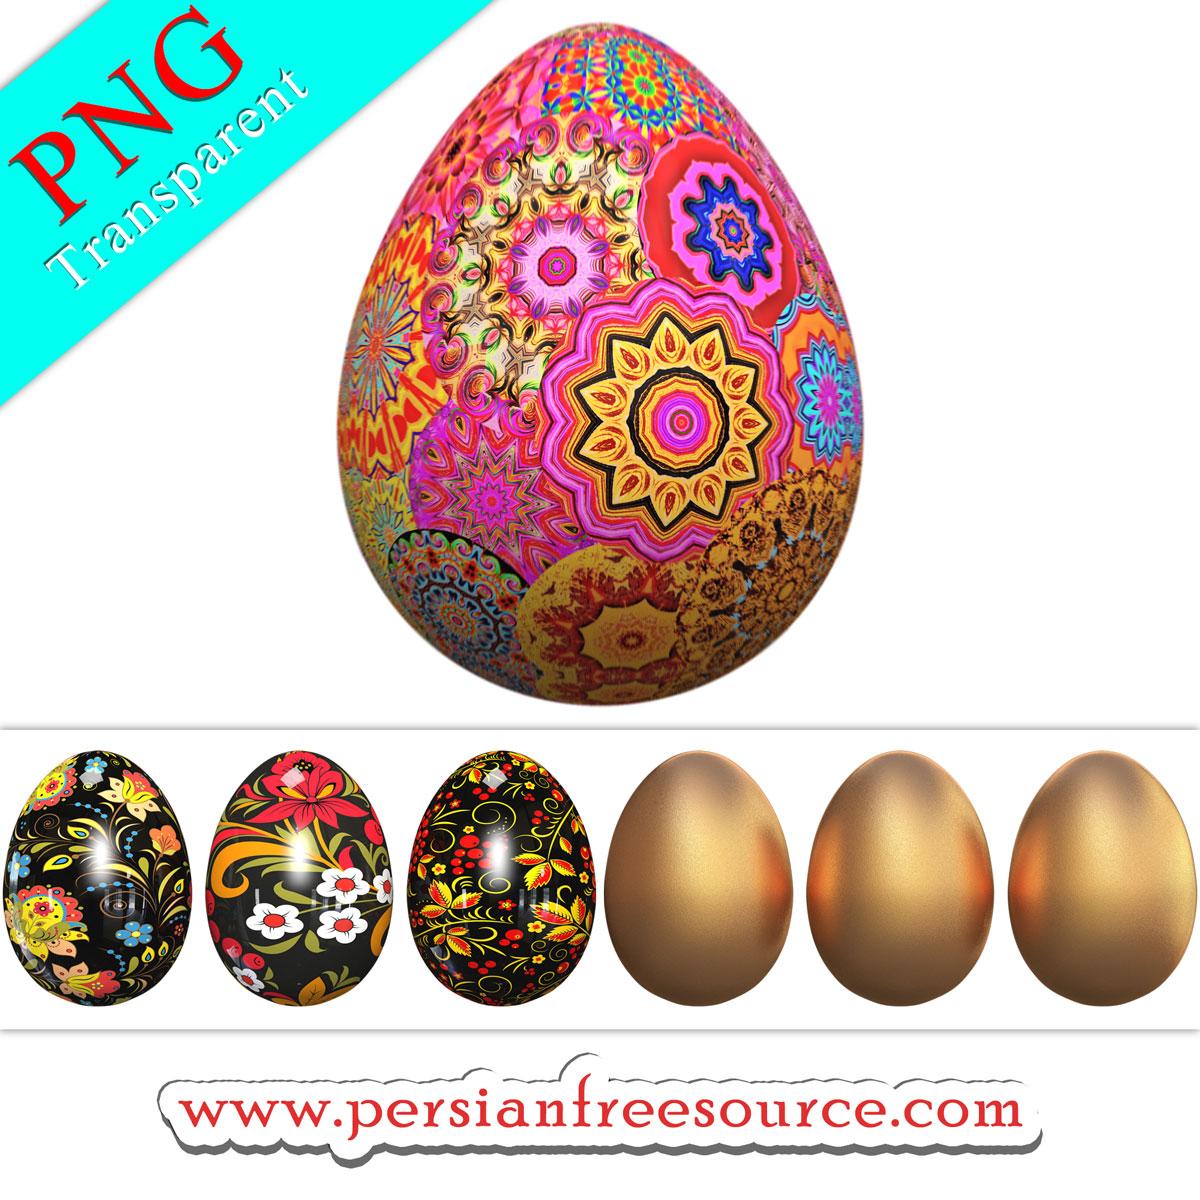 دانلود فایل لایه باز و باکیفیت تخم مرغ رنگی Easter Eggs